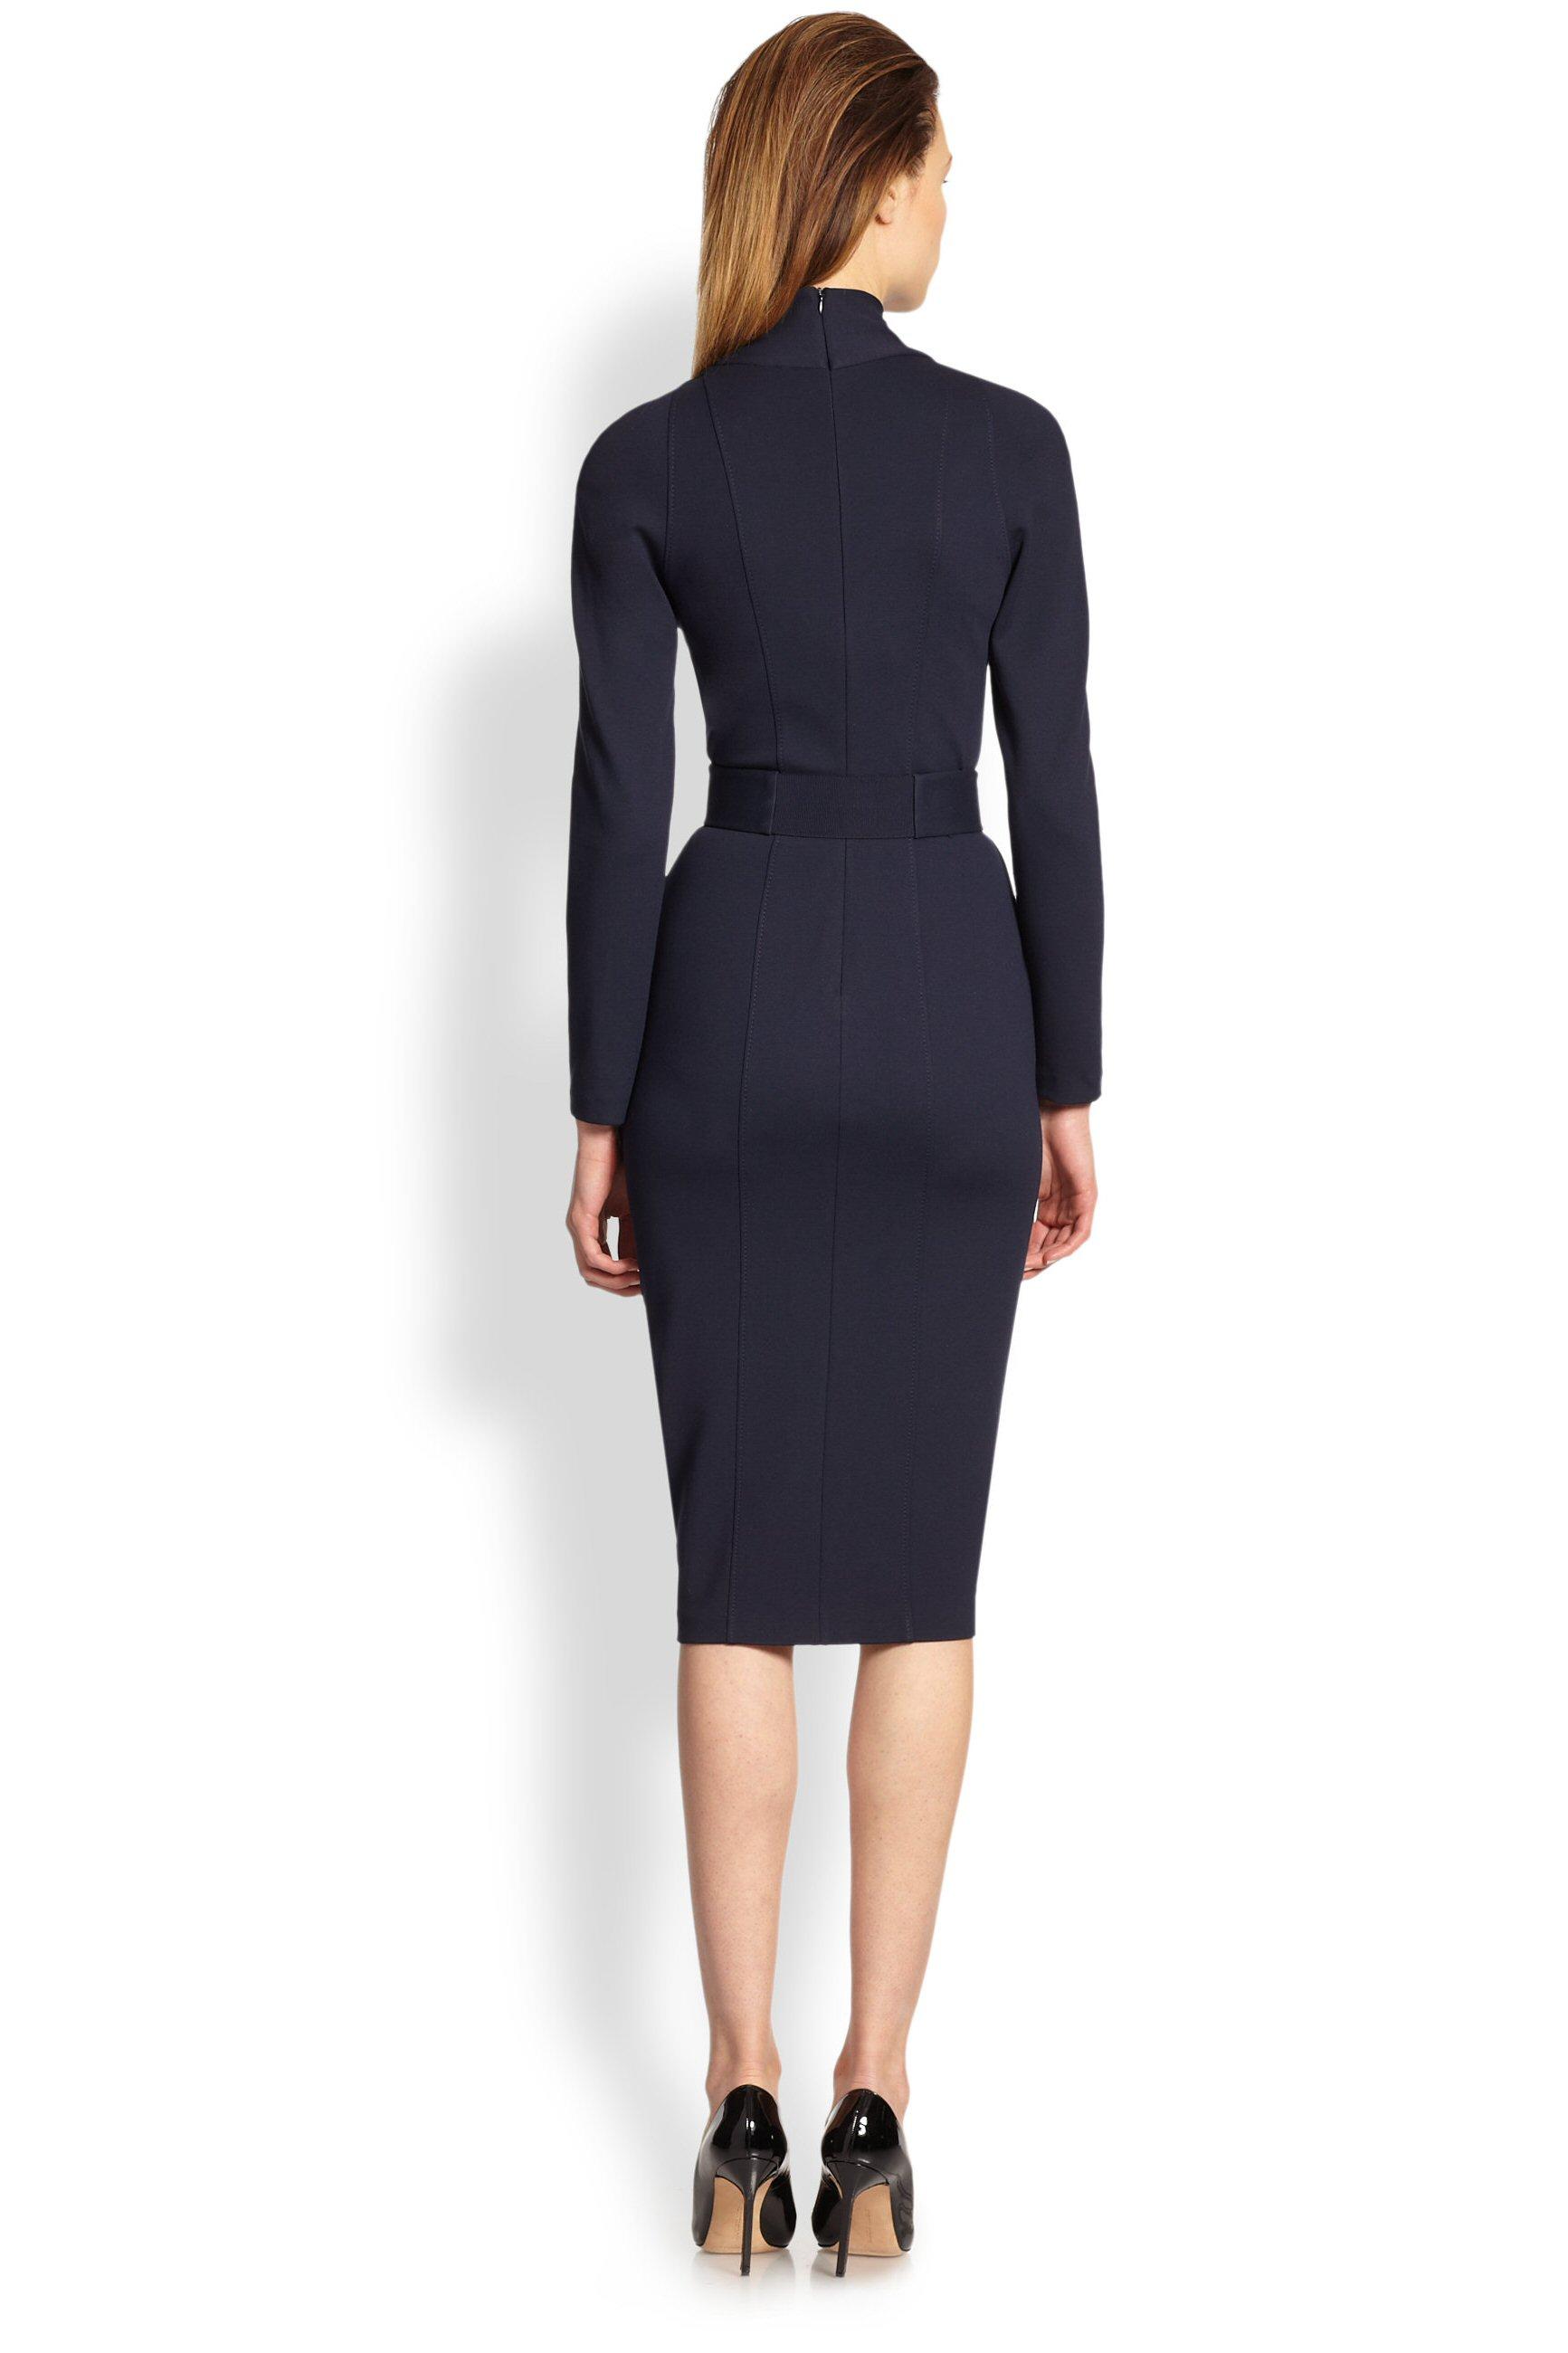 Armani Workwear 16-34